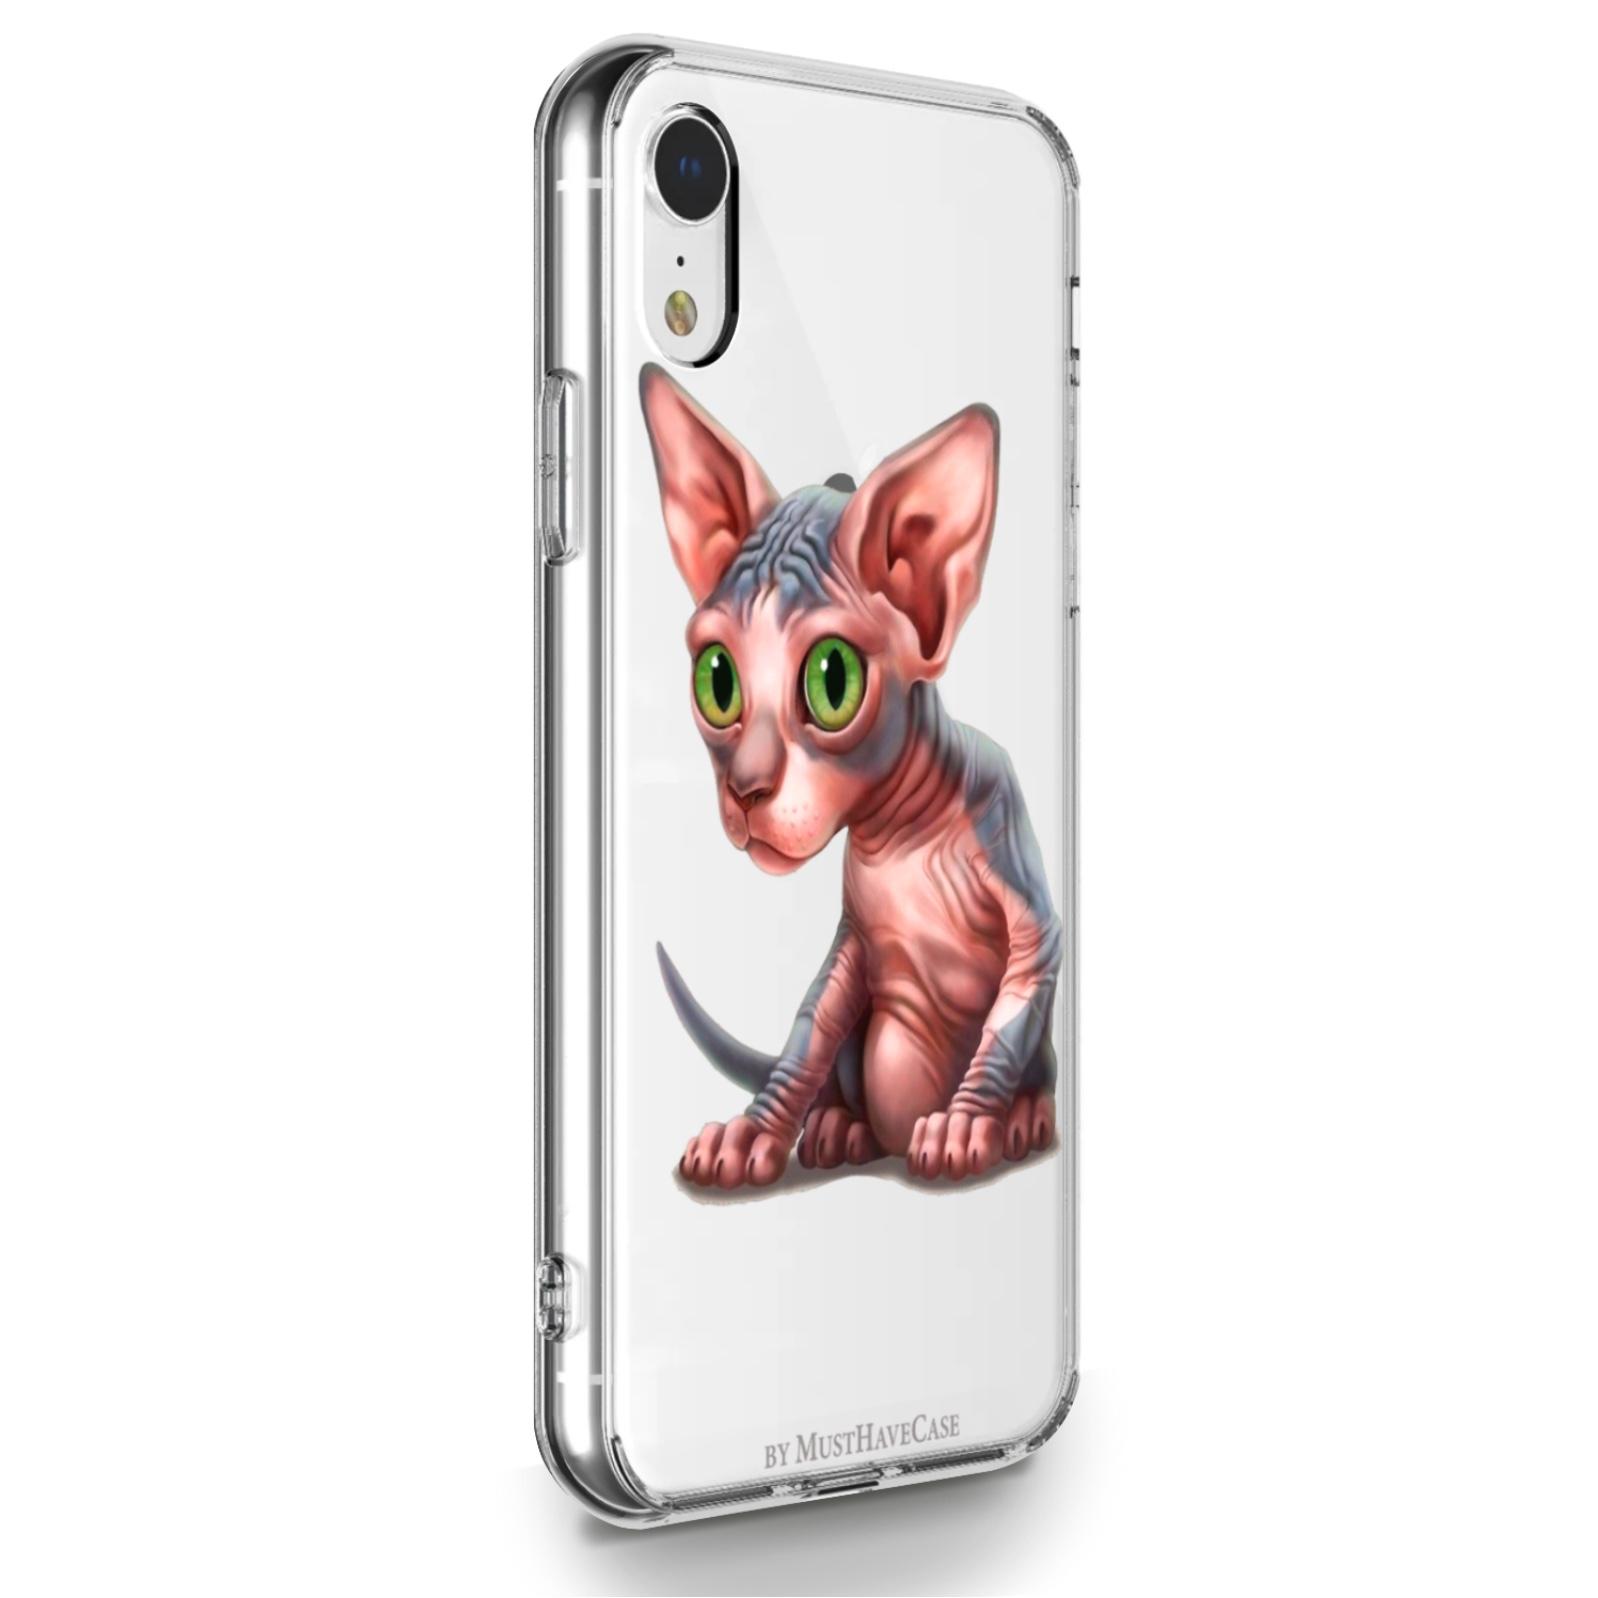 Прозрачный силиконовый чехол для iPhone XR Sphinx/ Сфинкс для Айфон 10R